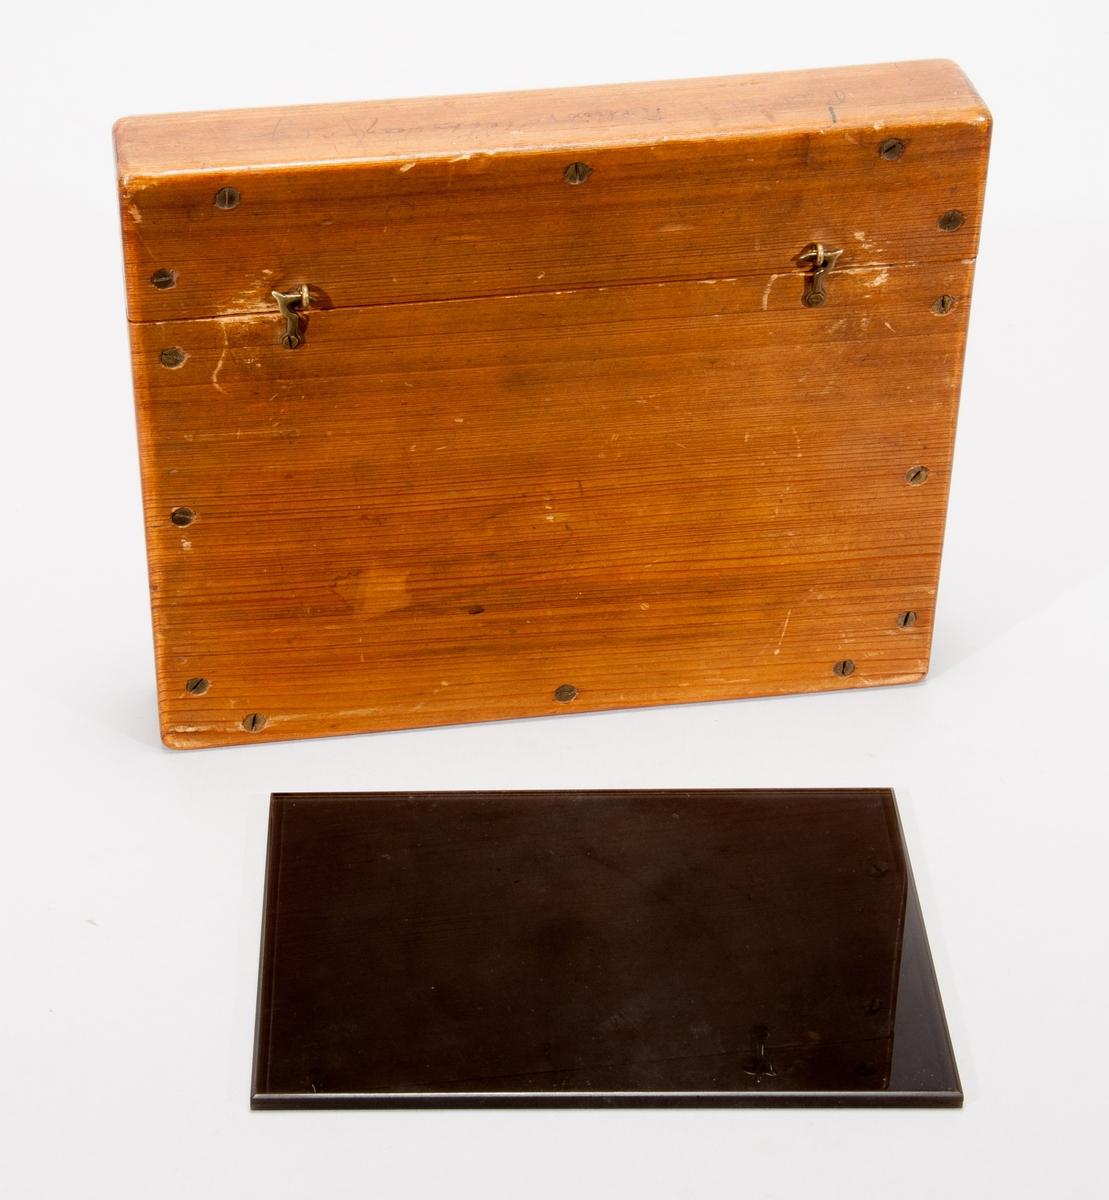 Raster, mönstrad skiva av glas i etui av trä.